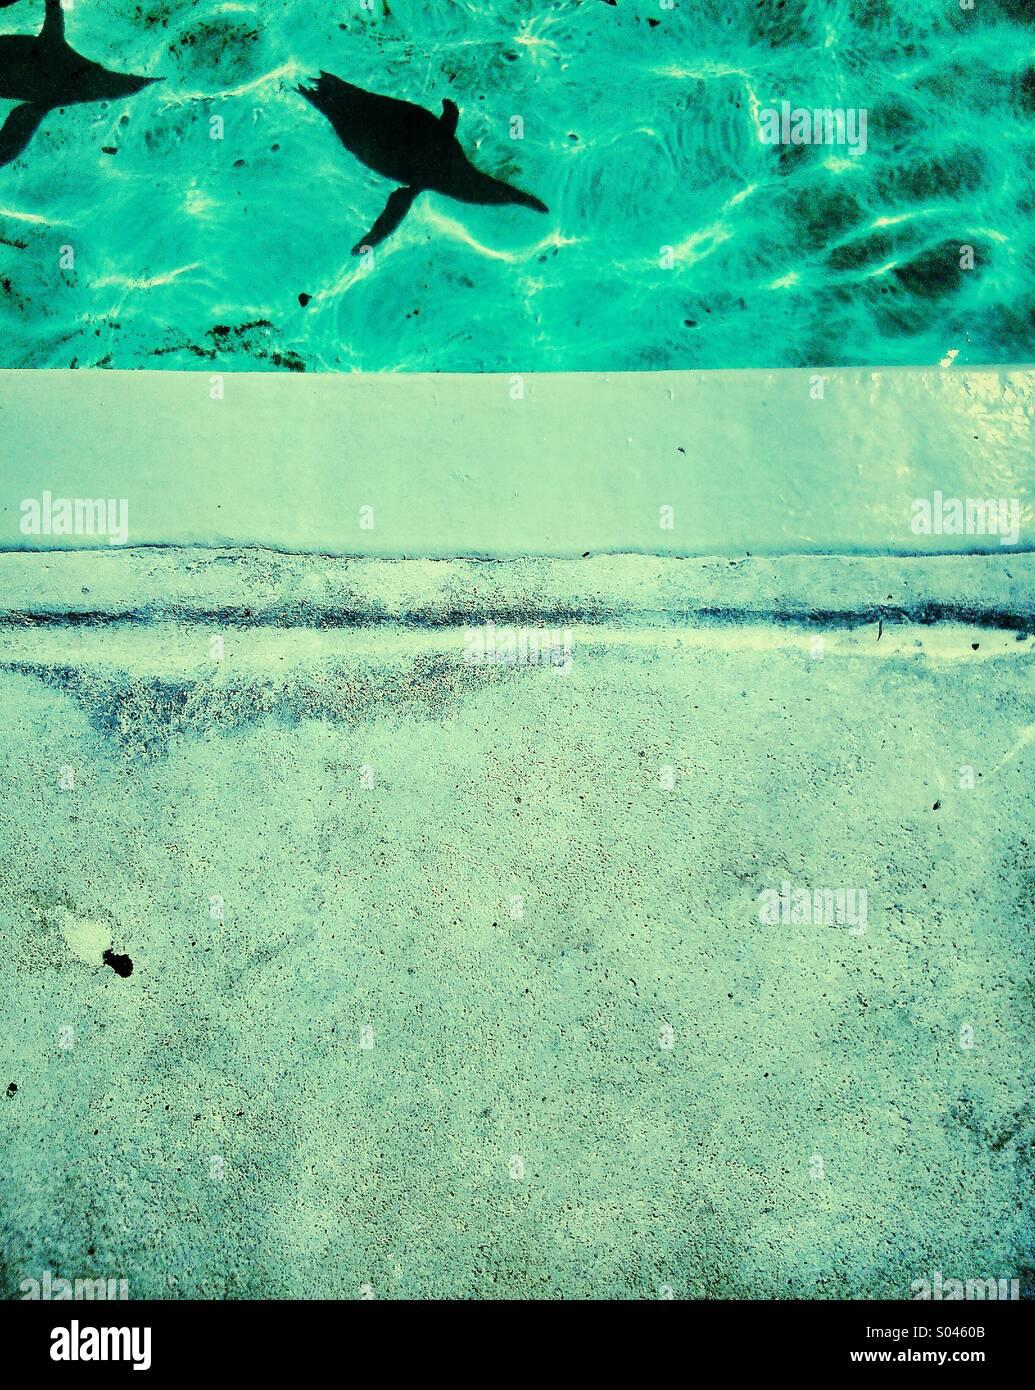 Schatten der zwei Pinguine schwimmen im pool Stockbild